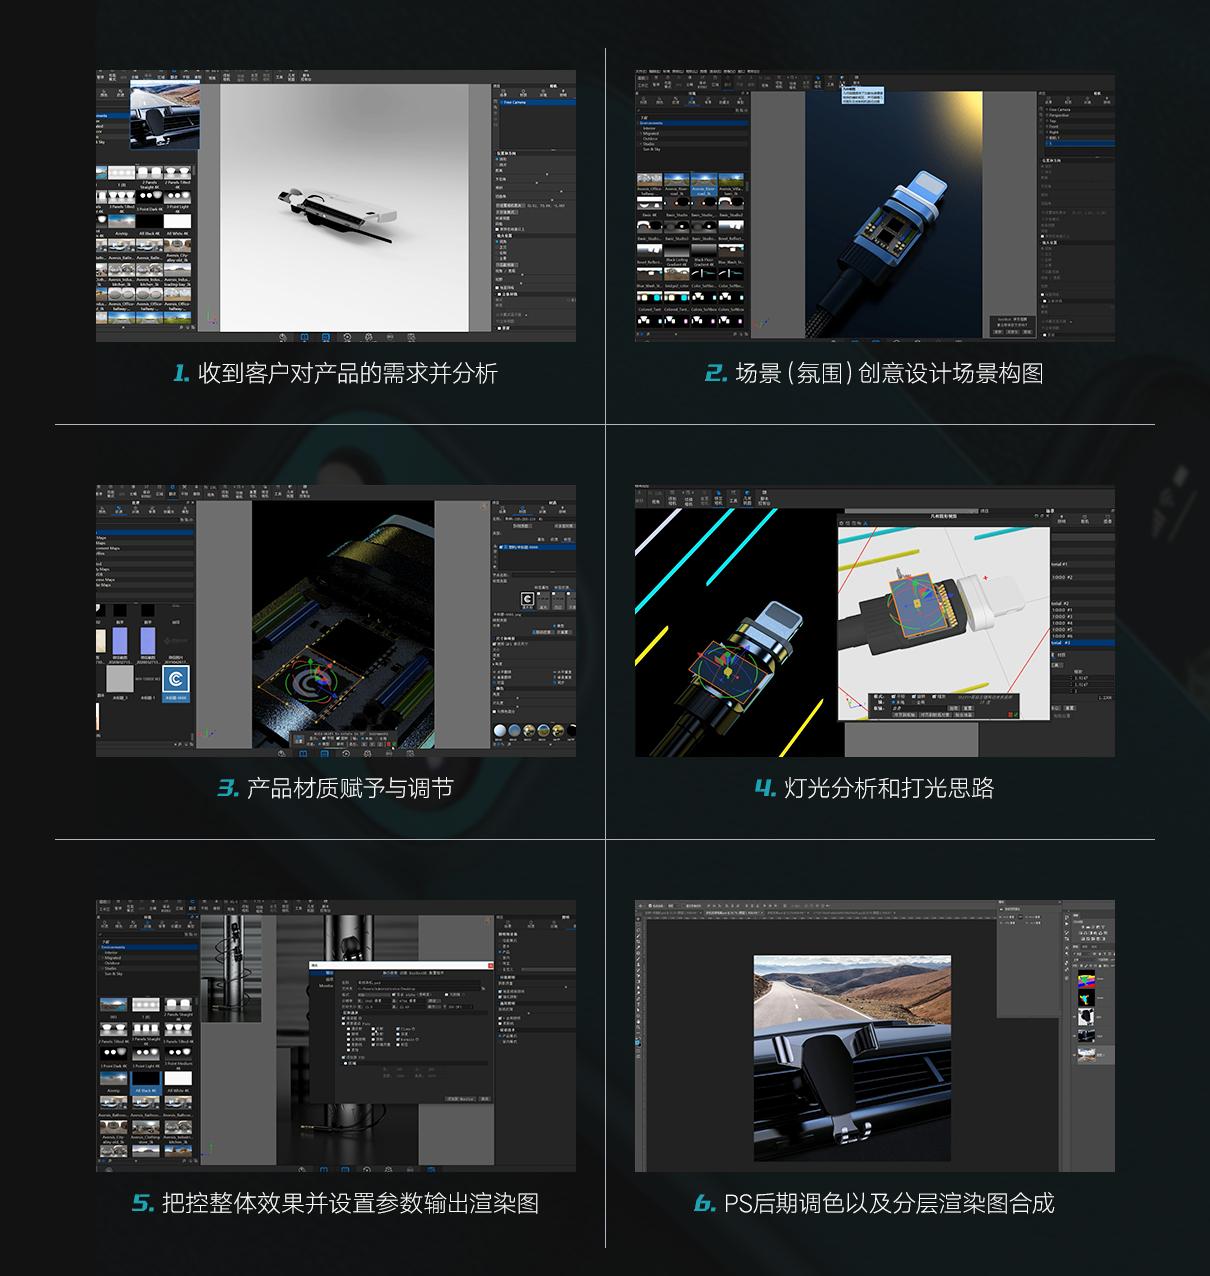 商业级产品渲染流程.jpg